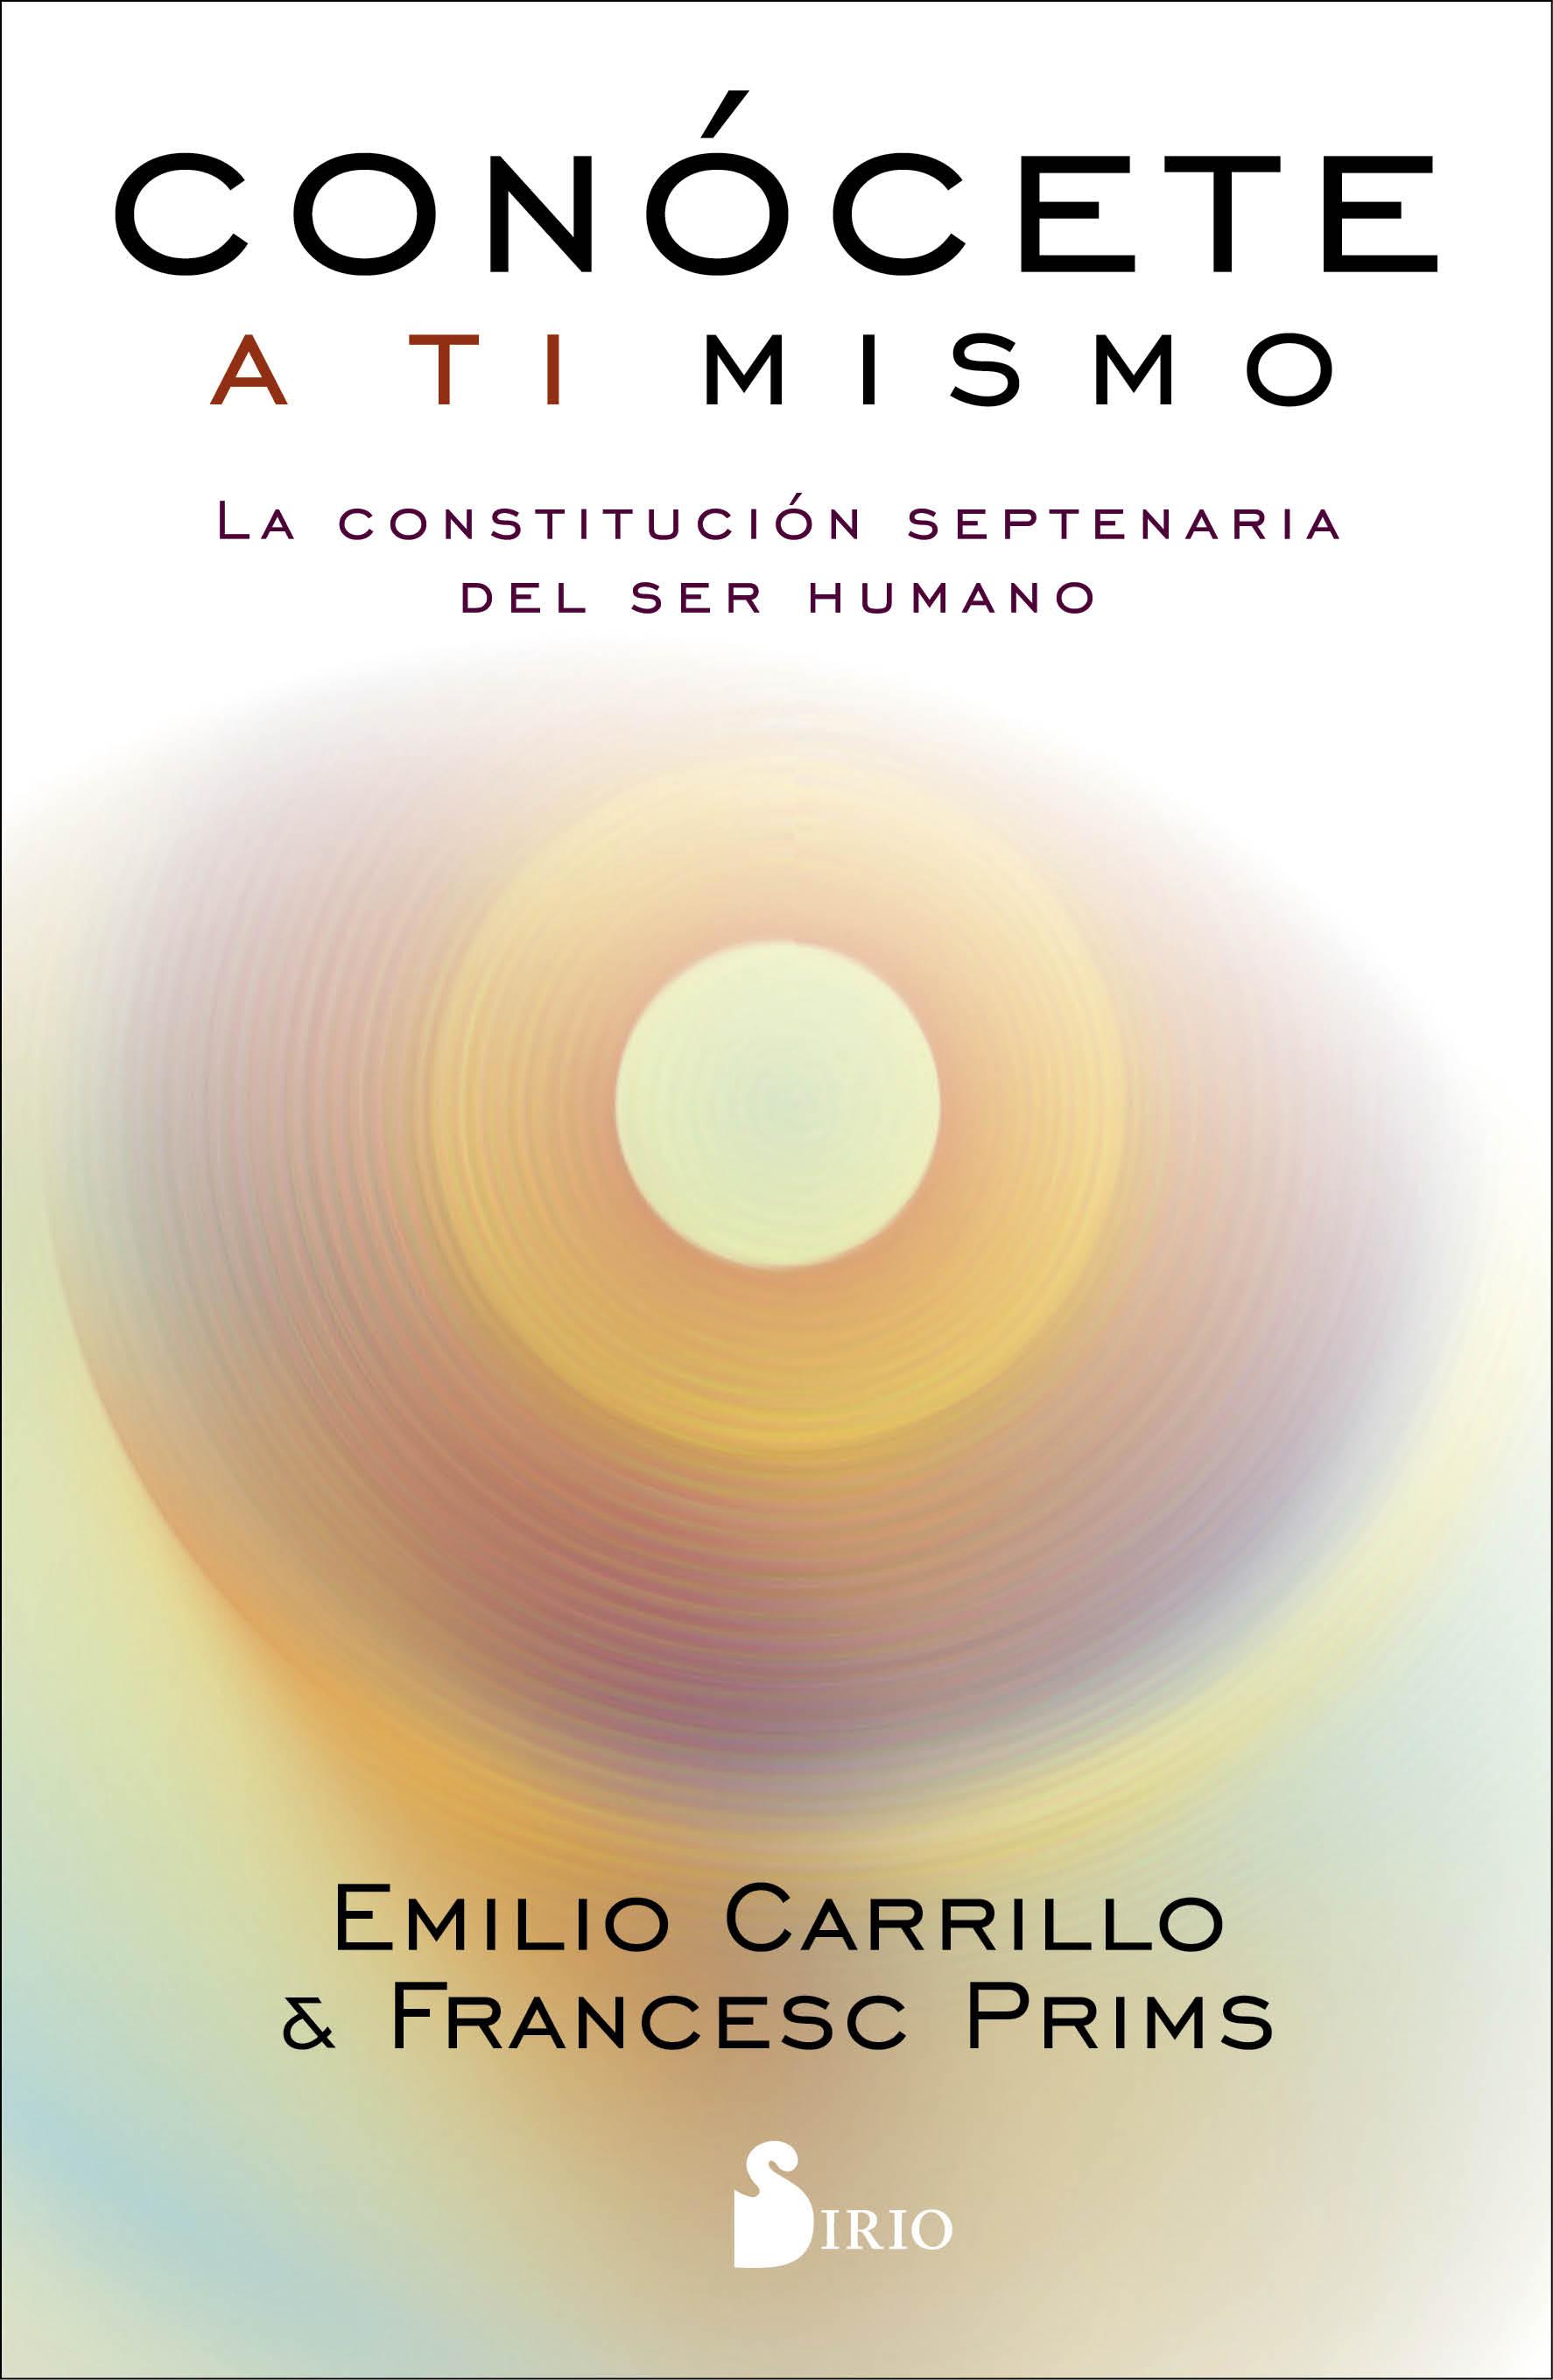 Conócete a ti mismo   «La constitución septenaria del ser humano»